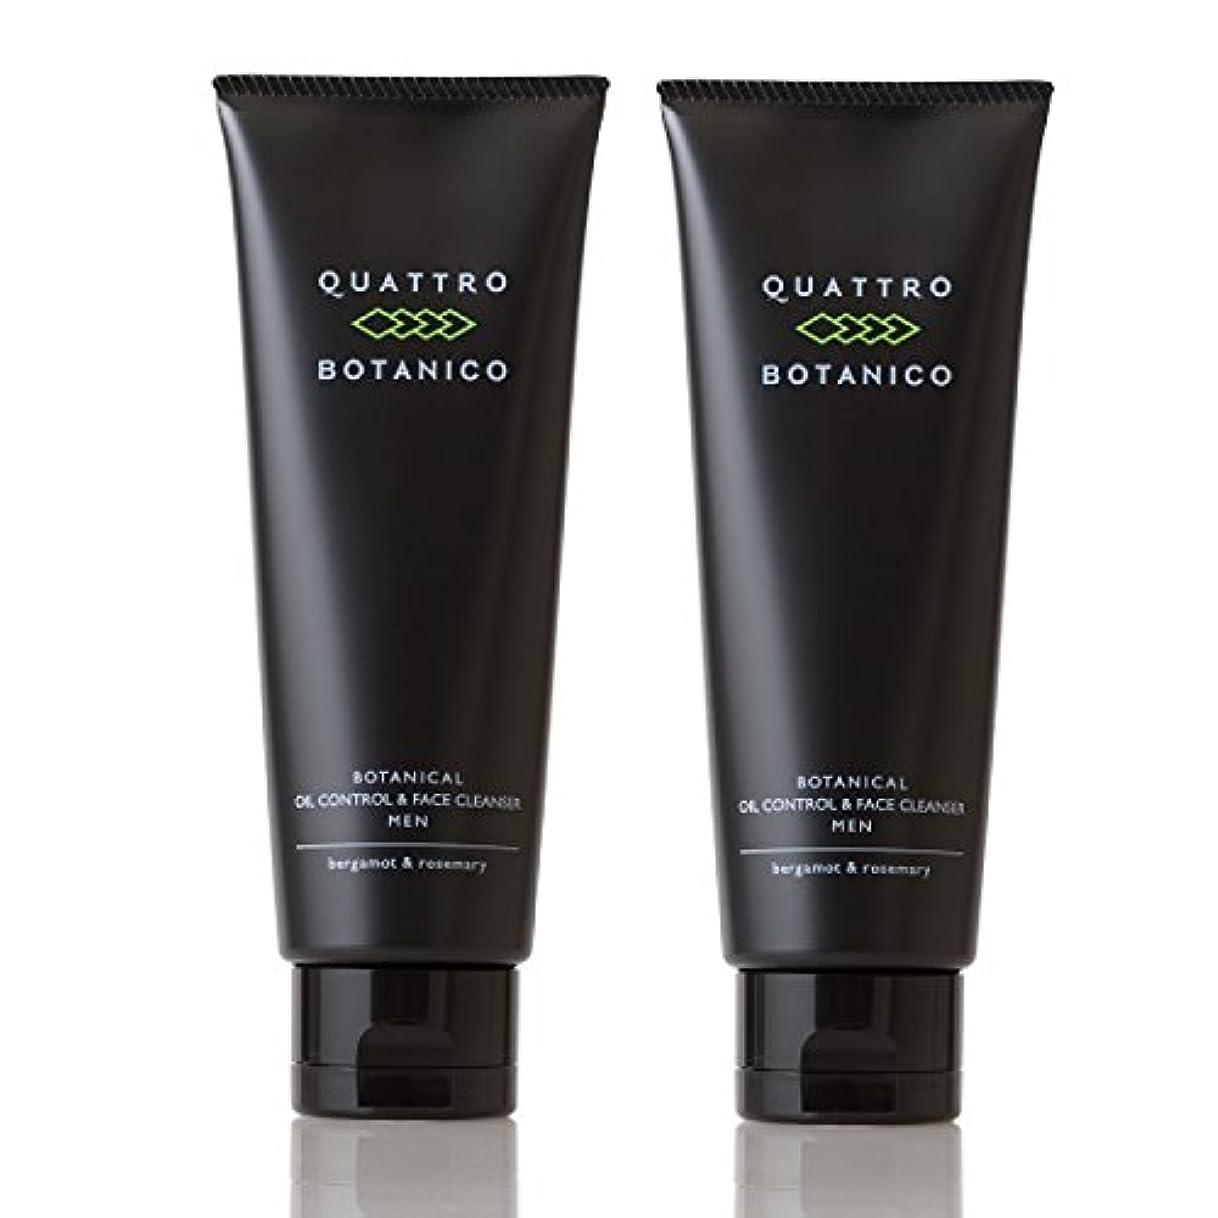 視線出します週末クワトロボタニコ (QUATTRO BOTANICO) 【 メンズ 洗顔 】 ボタニカル オイルコントロール & フェイスクレンザー (男性 スキンケア) 《お得な2本セット》 120g × 2本